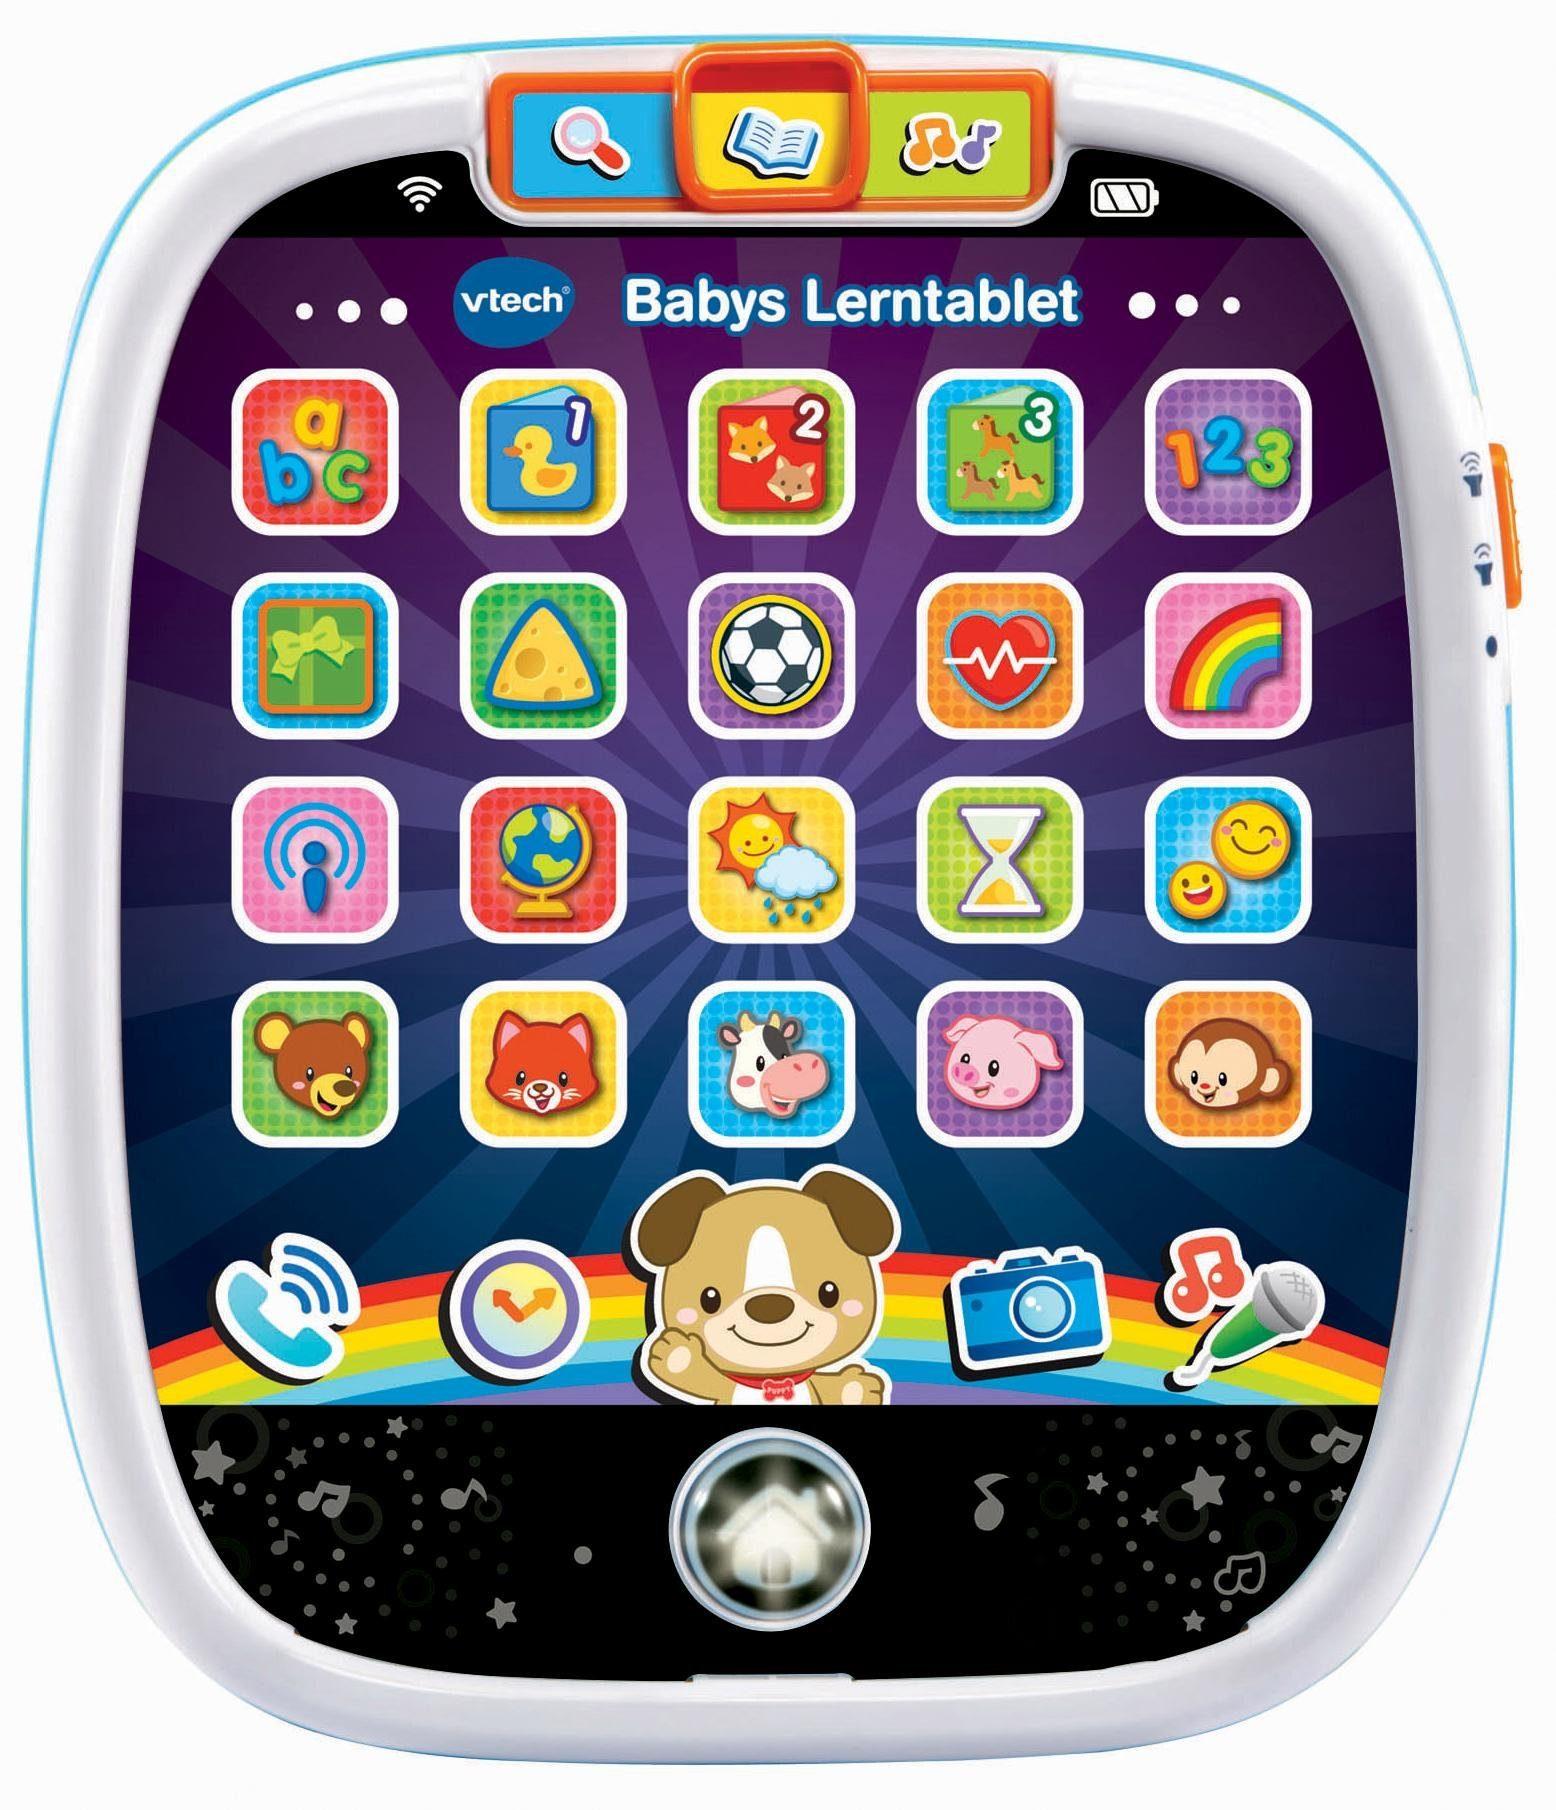 VTech Lernspielzeug mit Sound, »Babys Lerntablet«